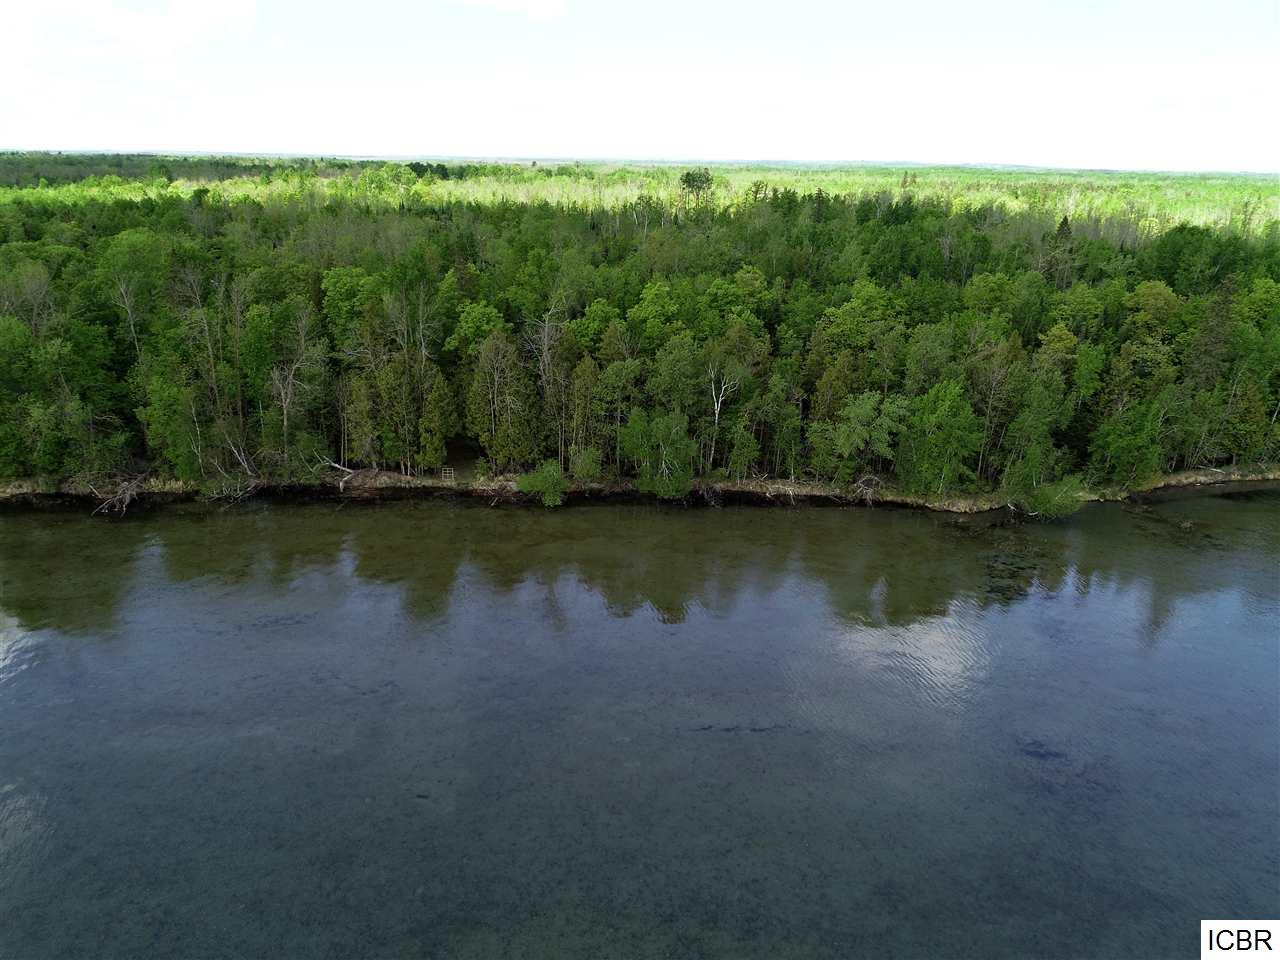 Tbd W Deer Lake Rd Deer River, MN 56636